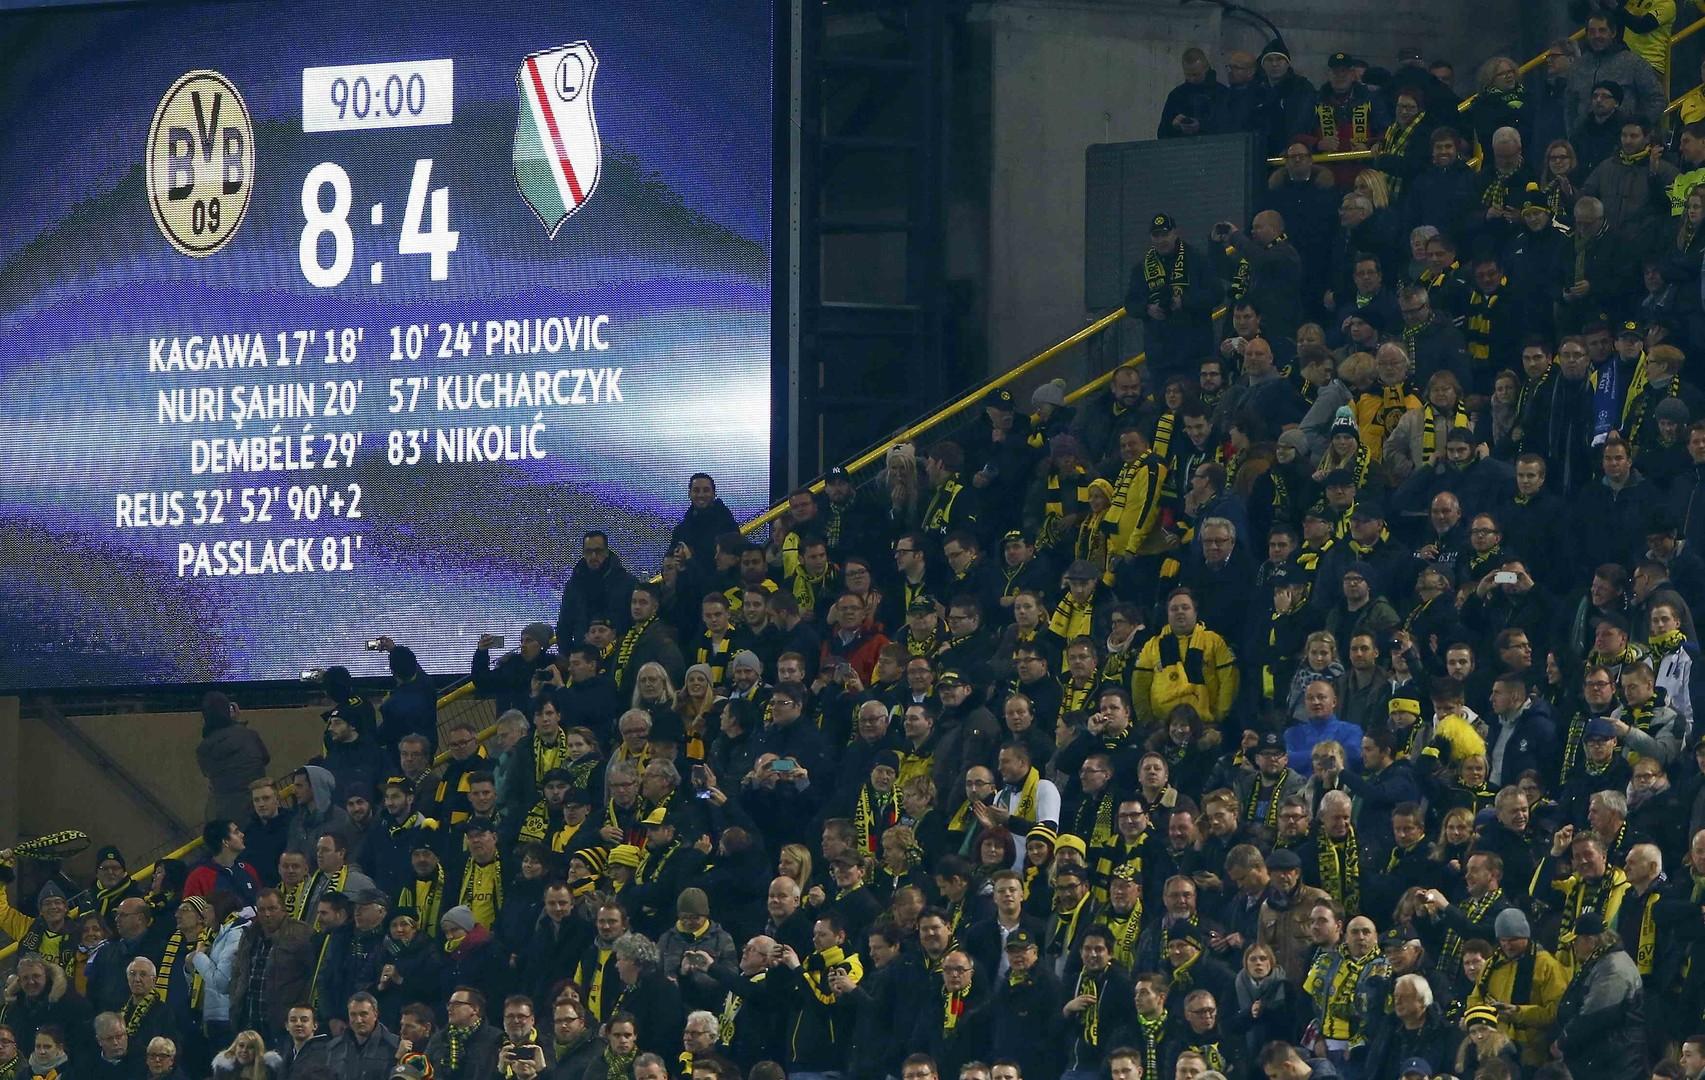 Дюжинный характер: «Боруссия» и «Легия» побили рекорд результативности Лиги чемпионов